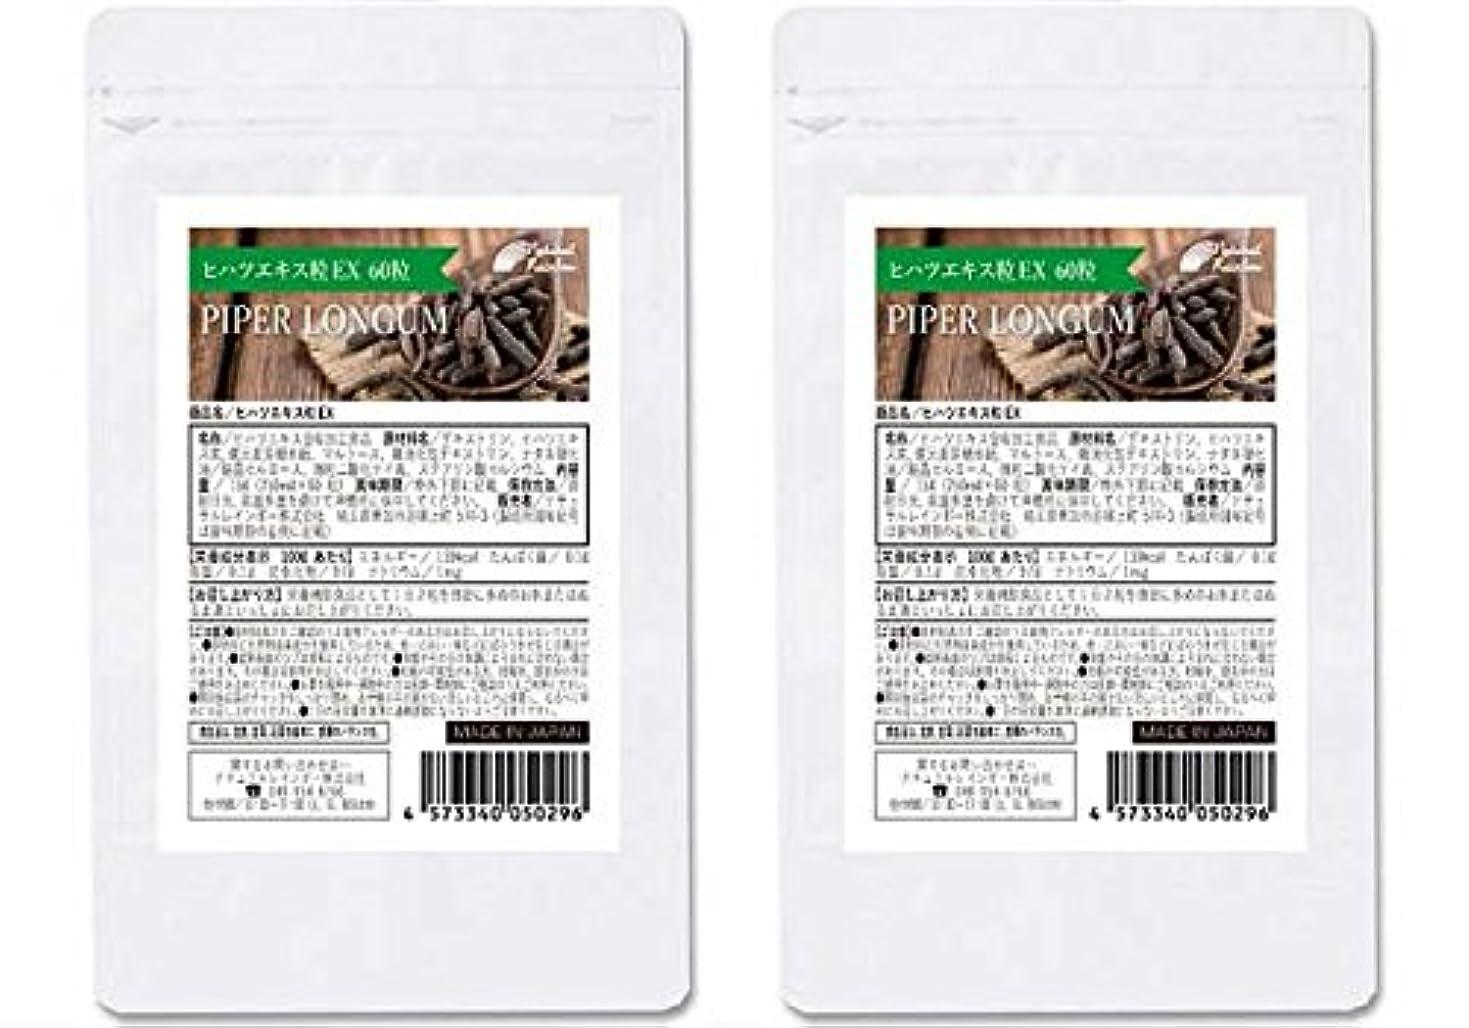 キャロライン明示的にスカープヒハツサプリ錠剤タイプ ヒハツエキス粒EX 2個セット